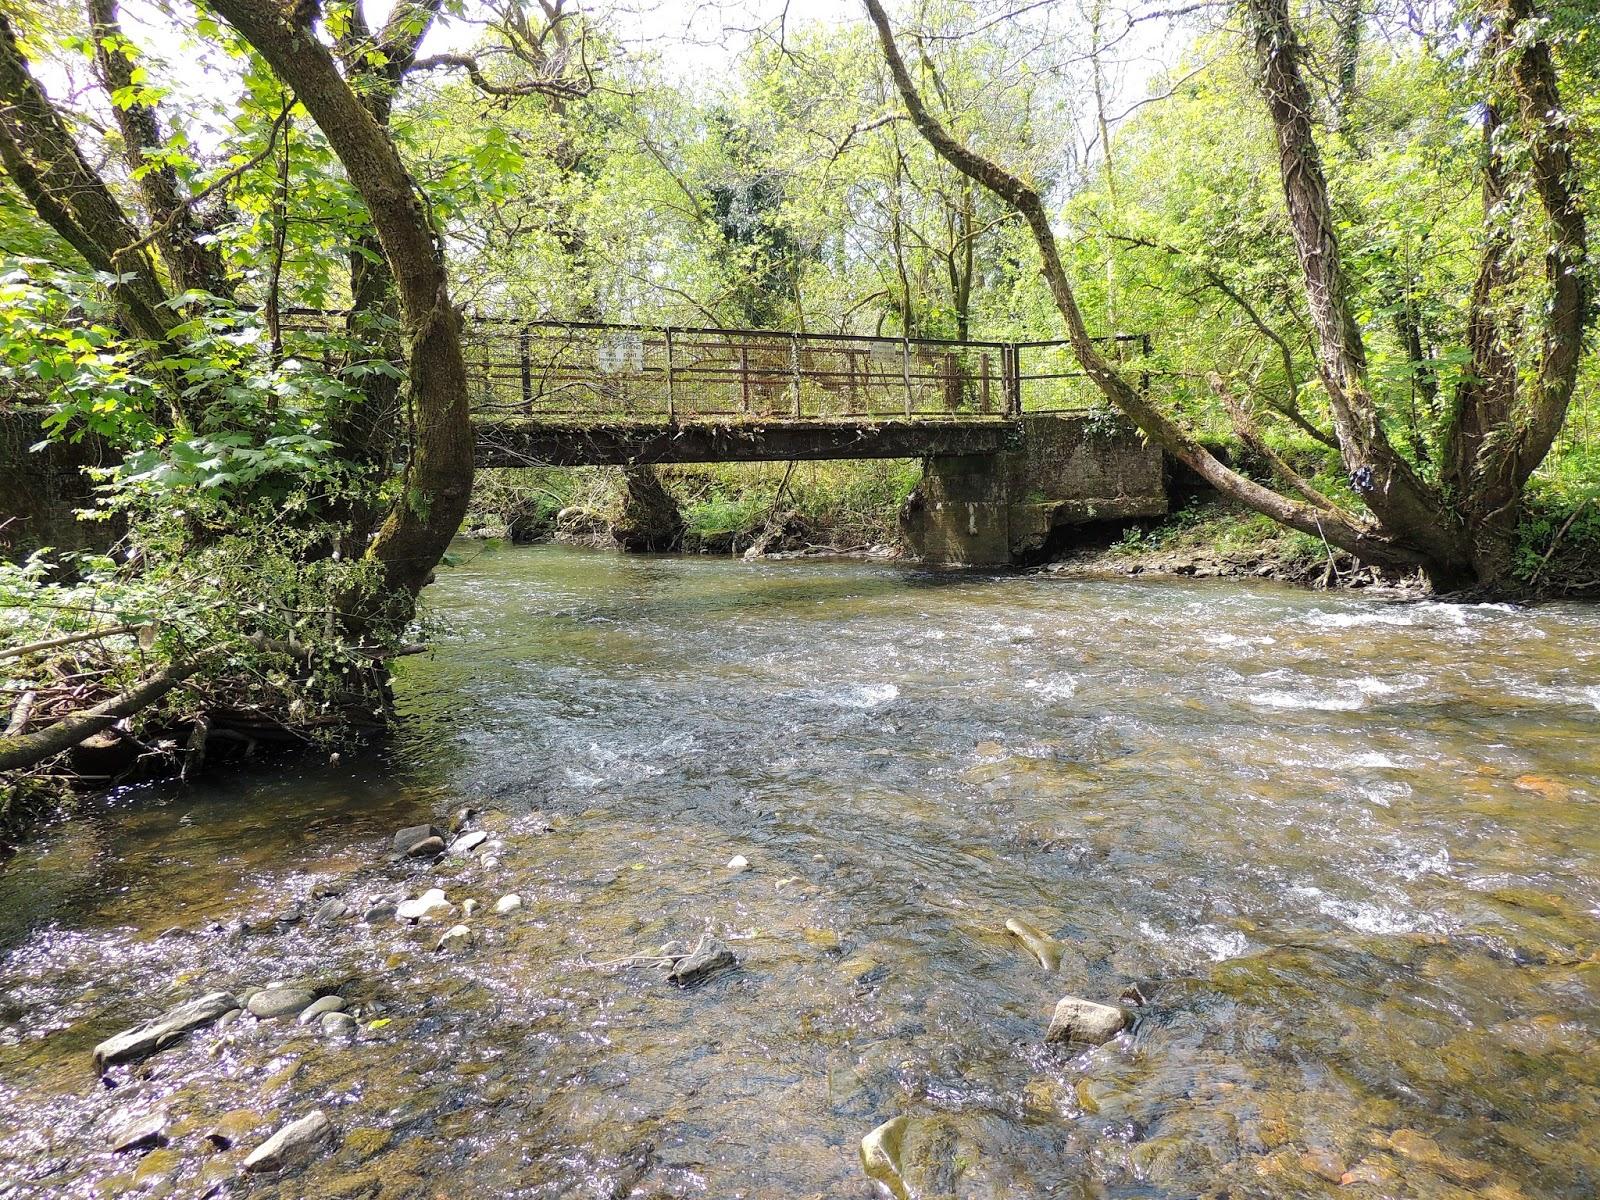 Llynfi Valley Nature   Llynfi River